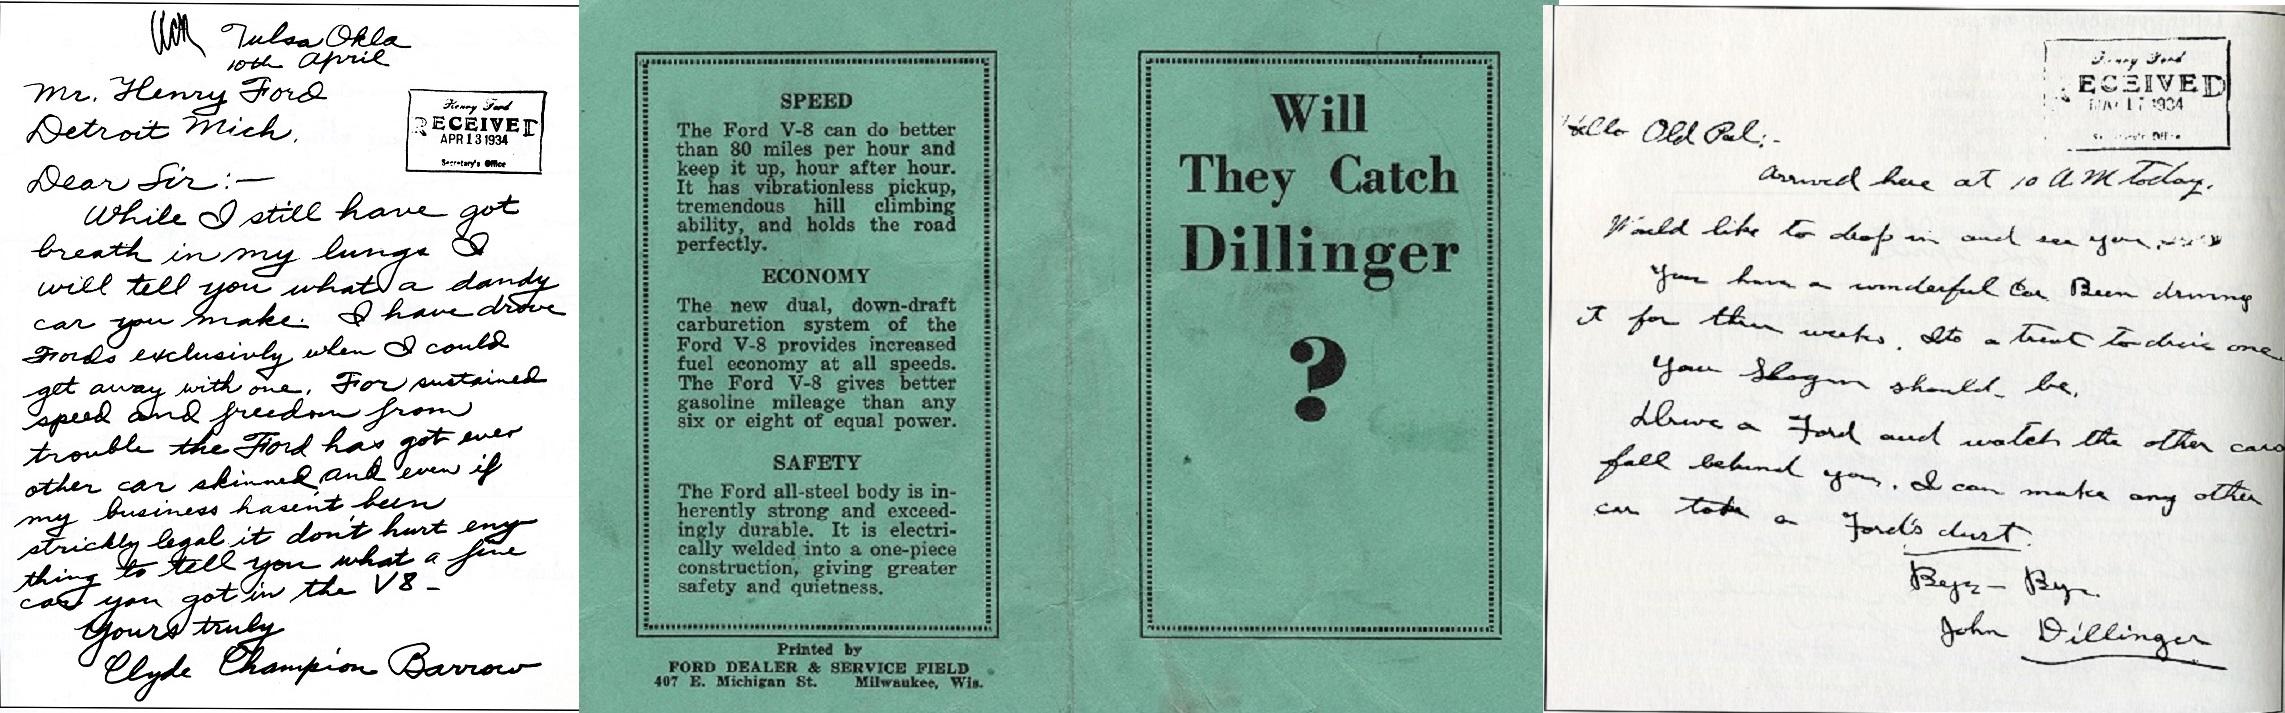 zz Dillinger-Ford-Bonnie-Cltde part 2